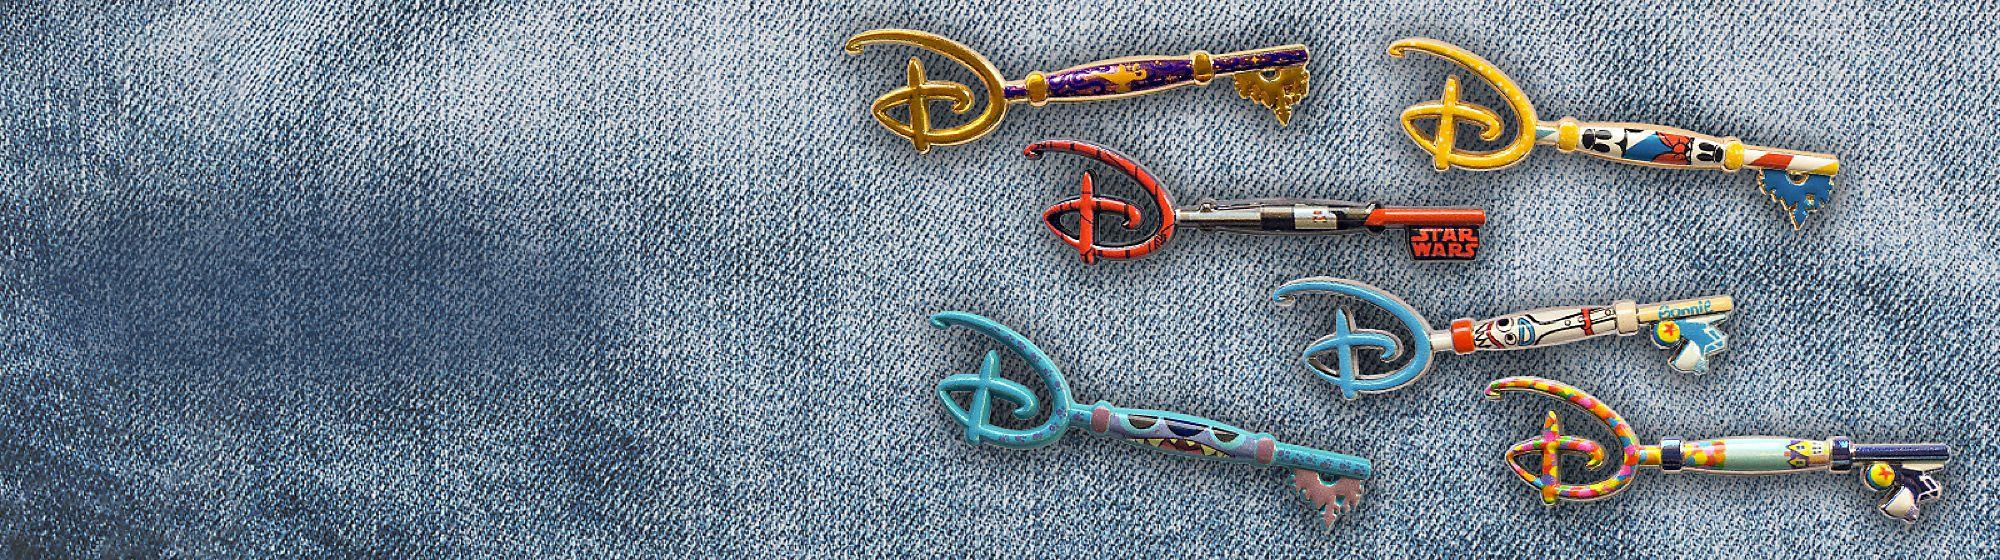 Personalisierte Taschen Anstecknadel Mit unserer Kollektion aus Anstecknadeln und Schlüsselanhängern